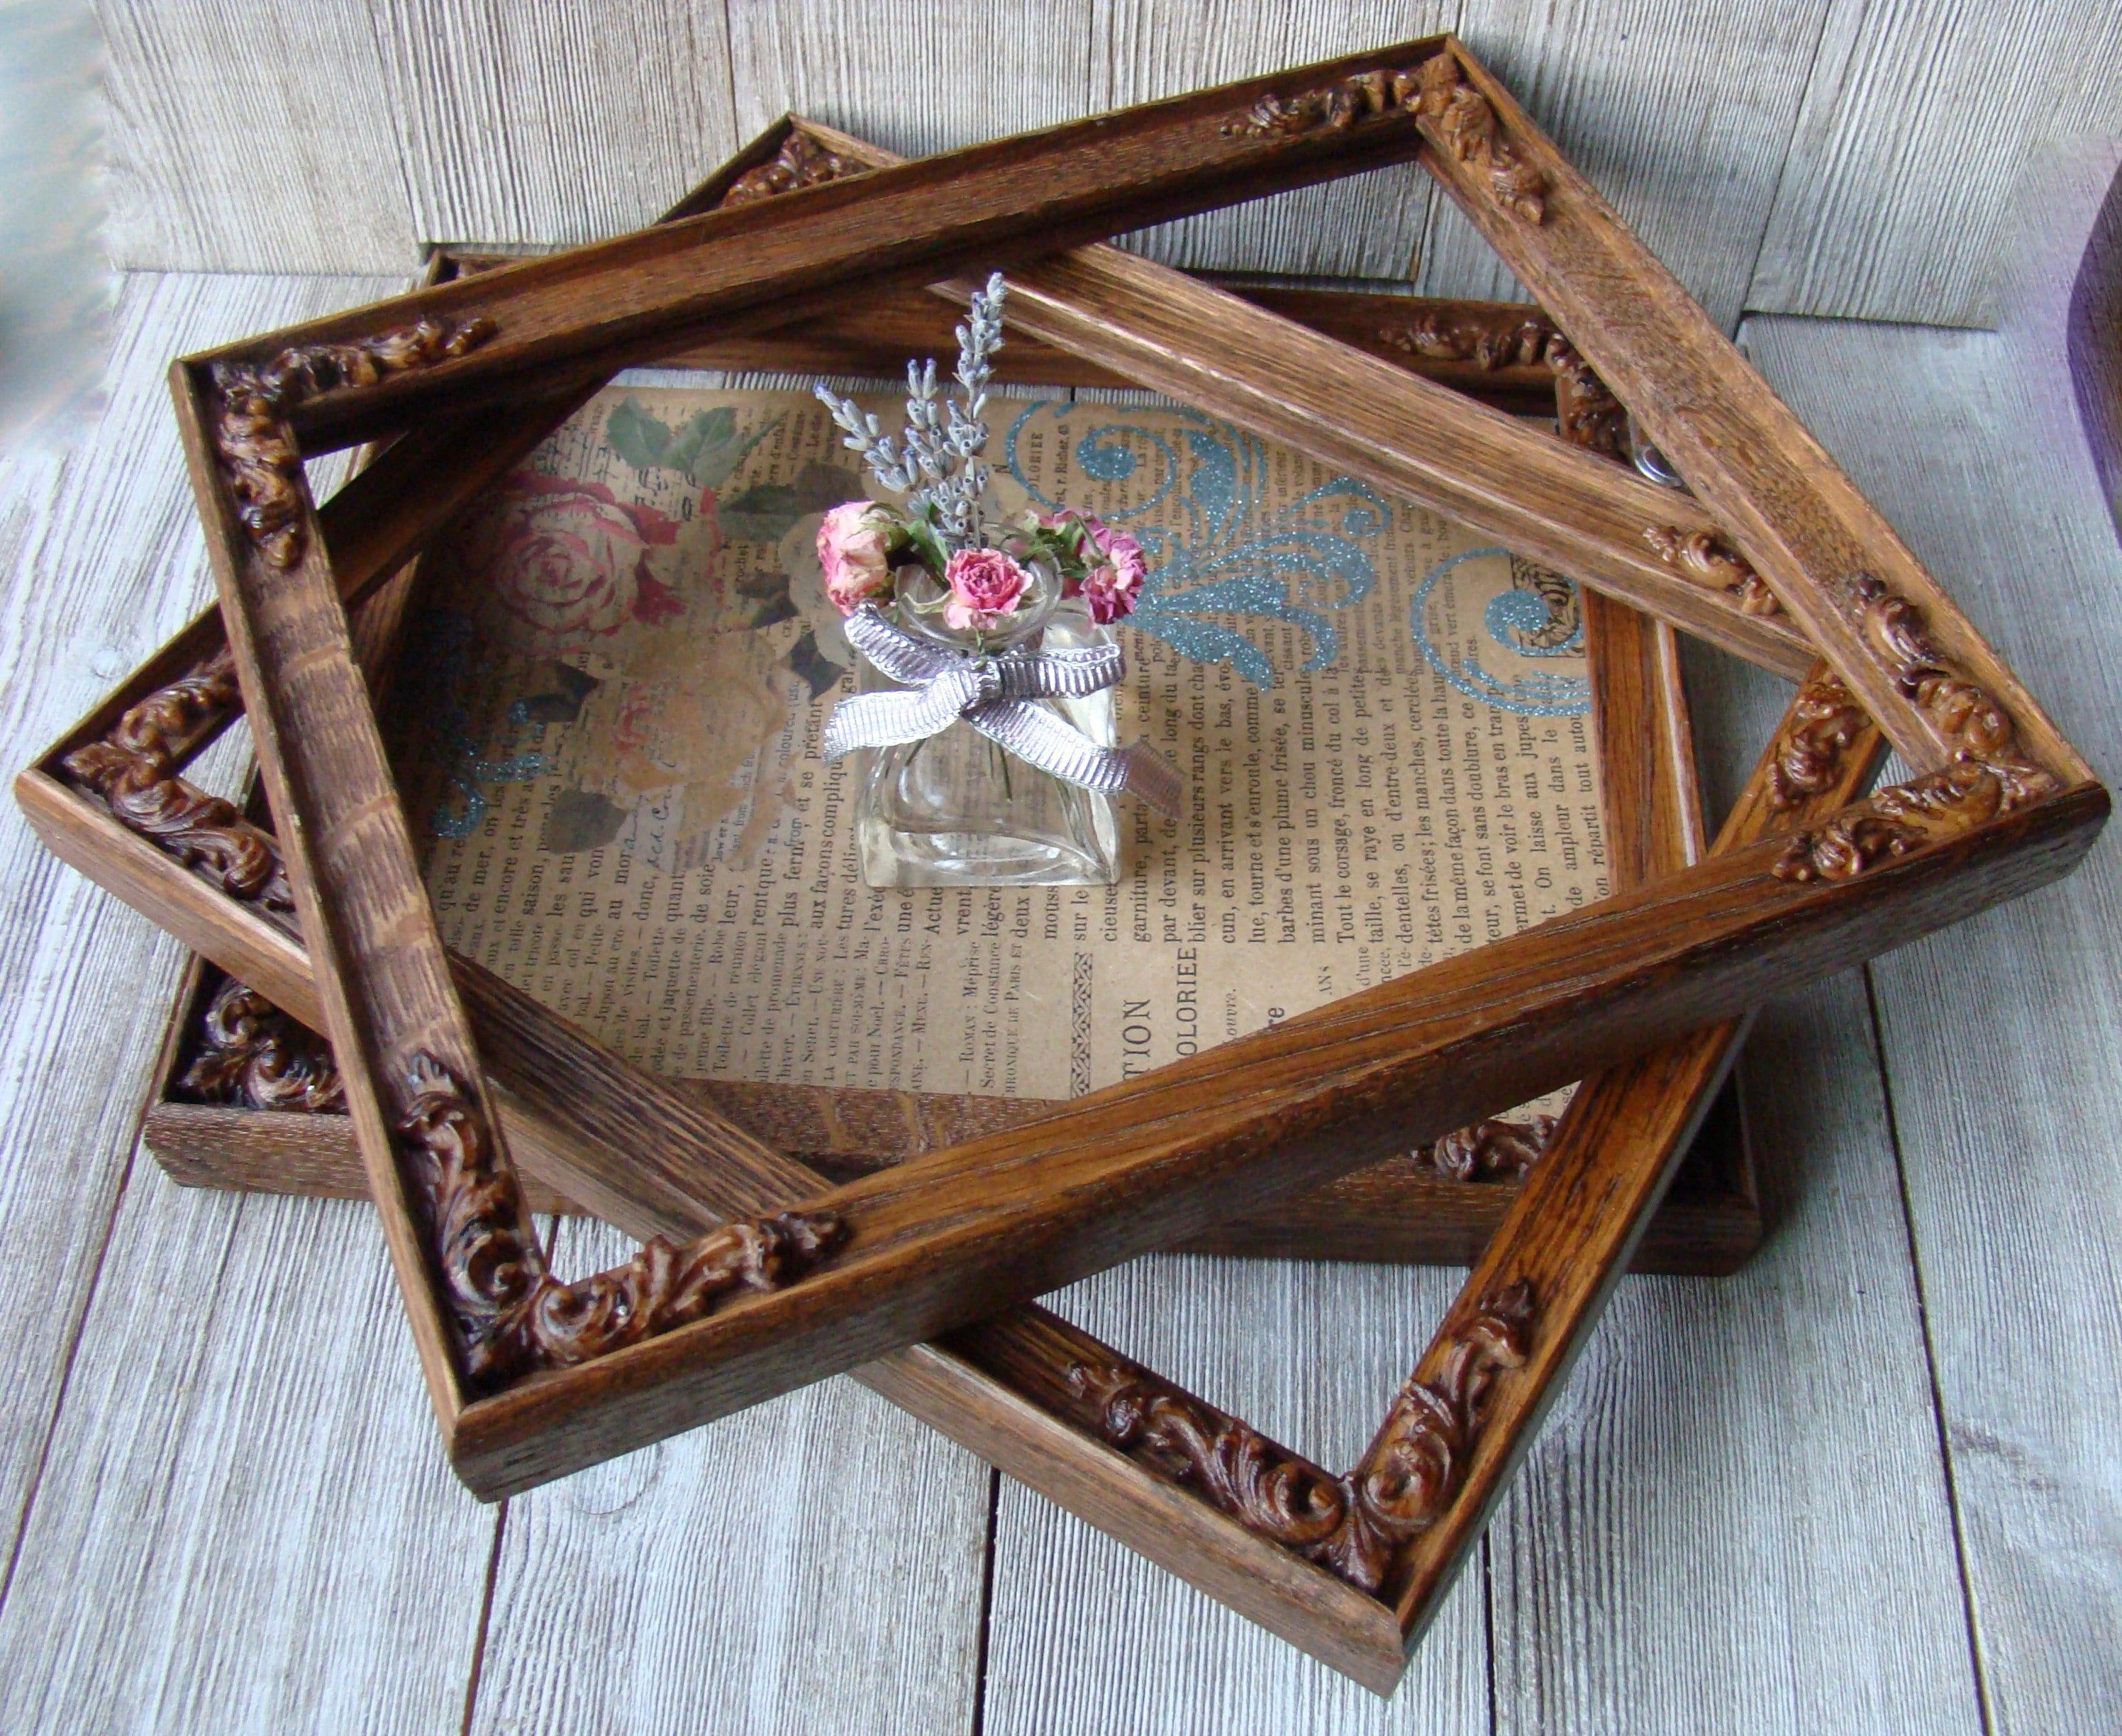 Un Toilette Ou Une Toilette set of 3, gallery of 8 x 10 ornate oak wood picture frames